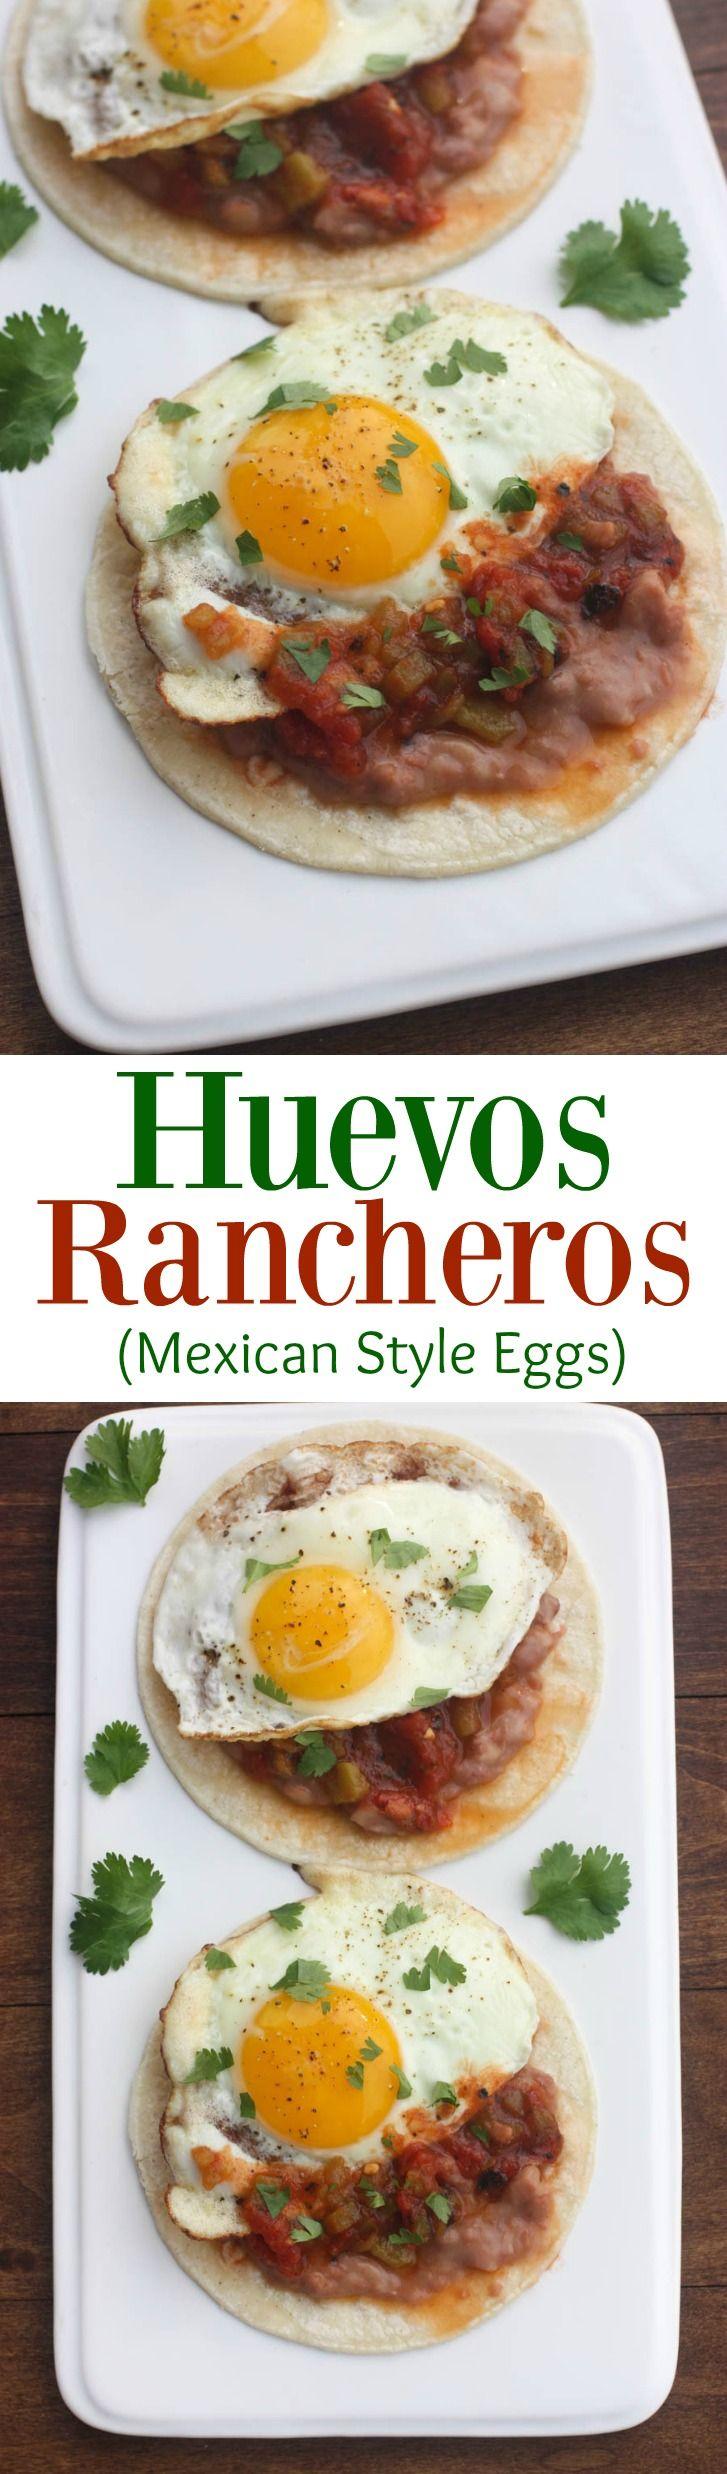 Huevos Rancheros | Tastes Better From Scratch